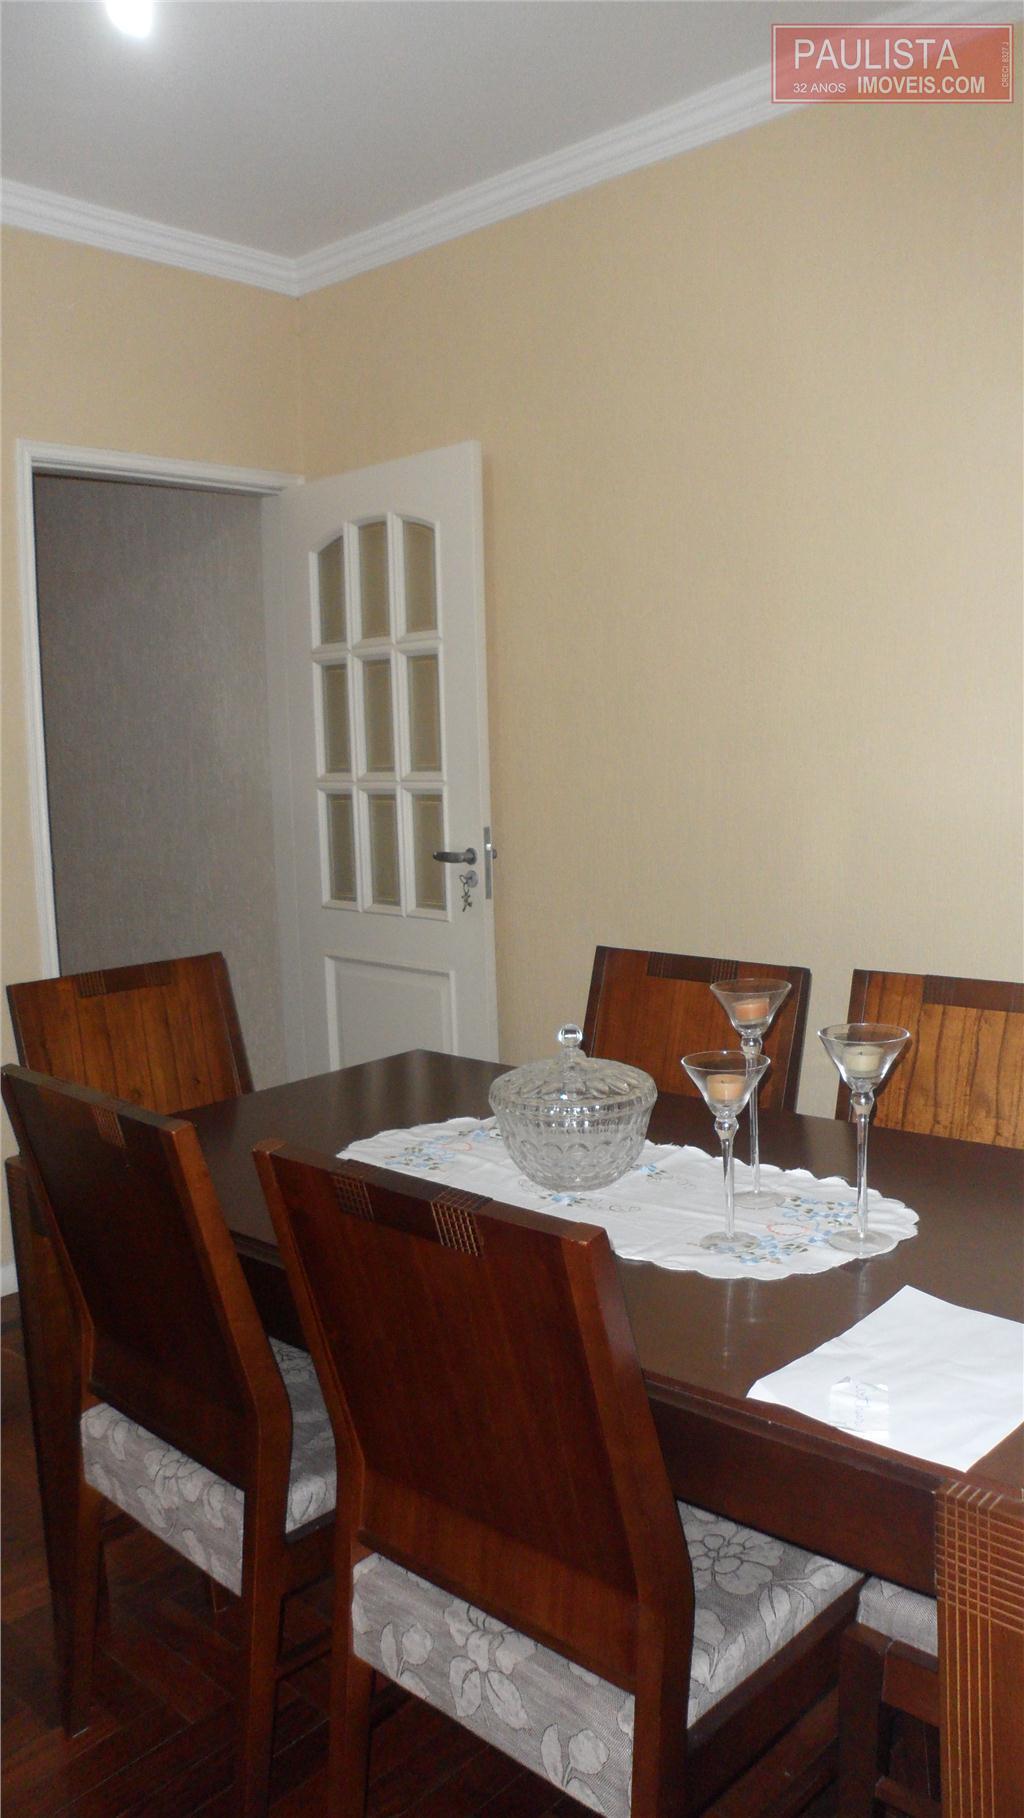 Casa 3 Dorm, Morumbi, São Paulo (SO0801) - Foto 19